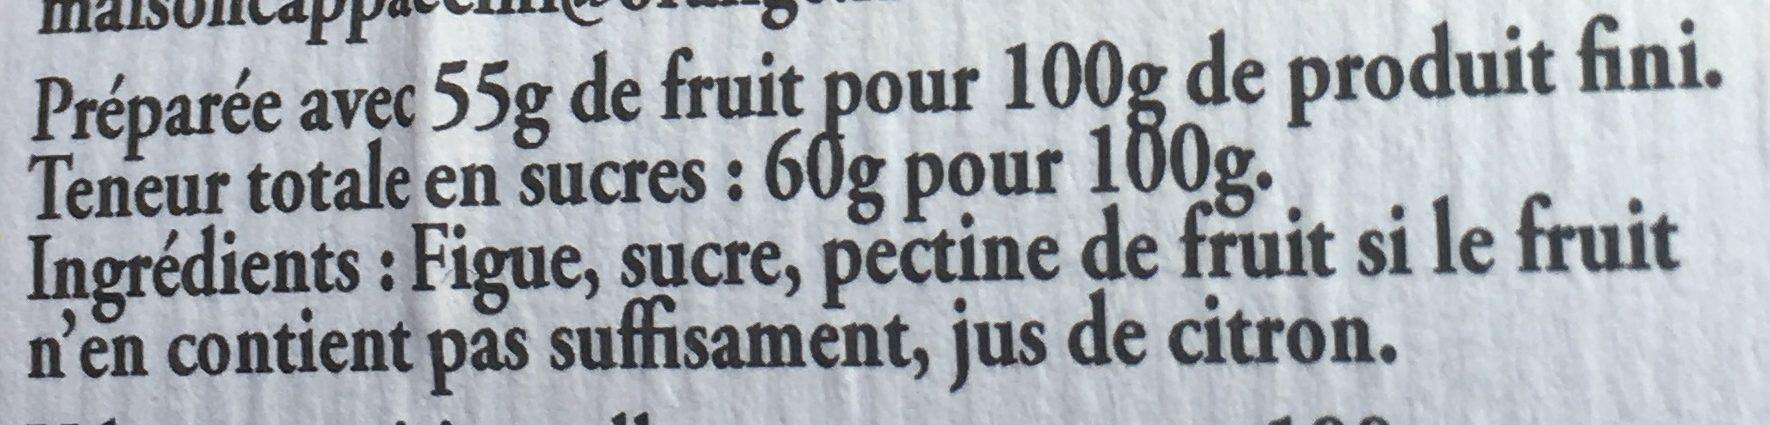 Confiture figue - Ingrediënten - fr